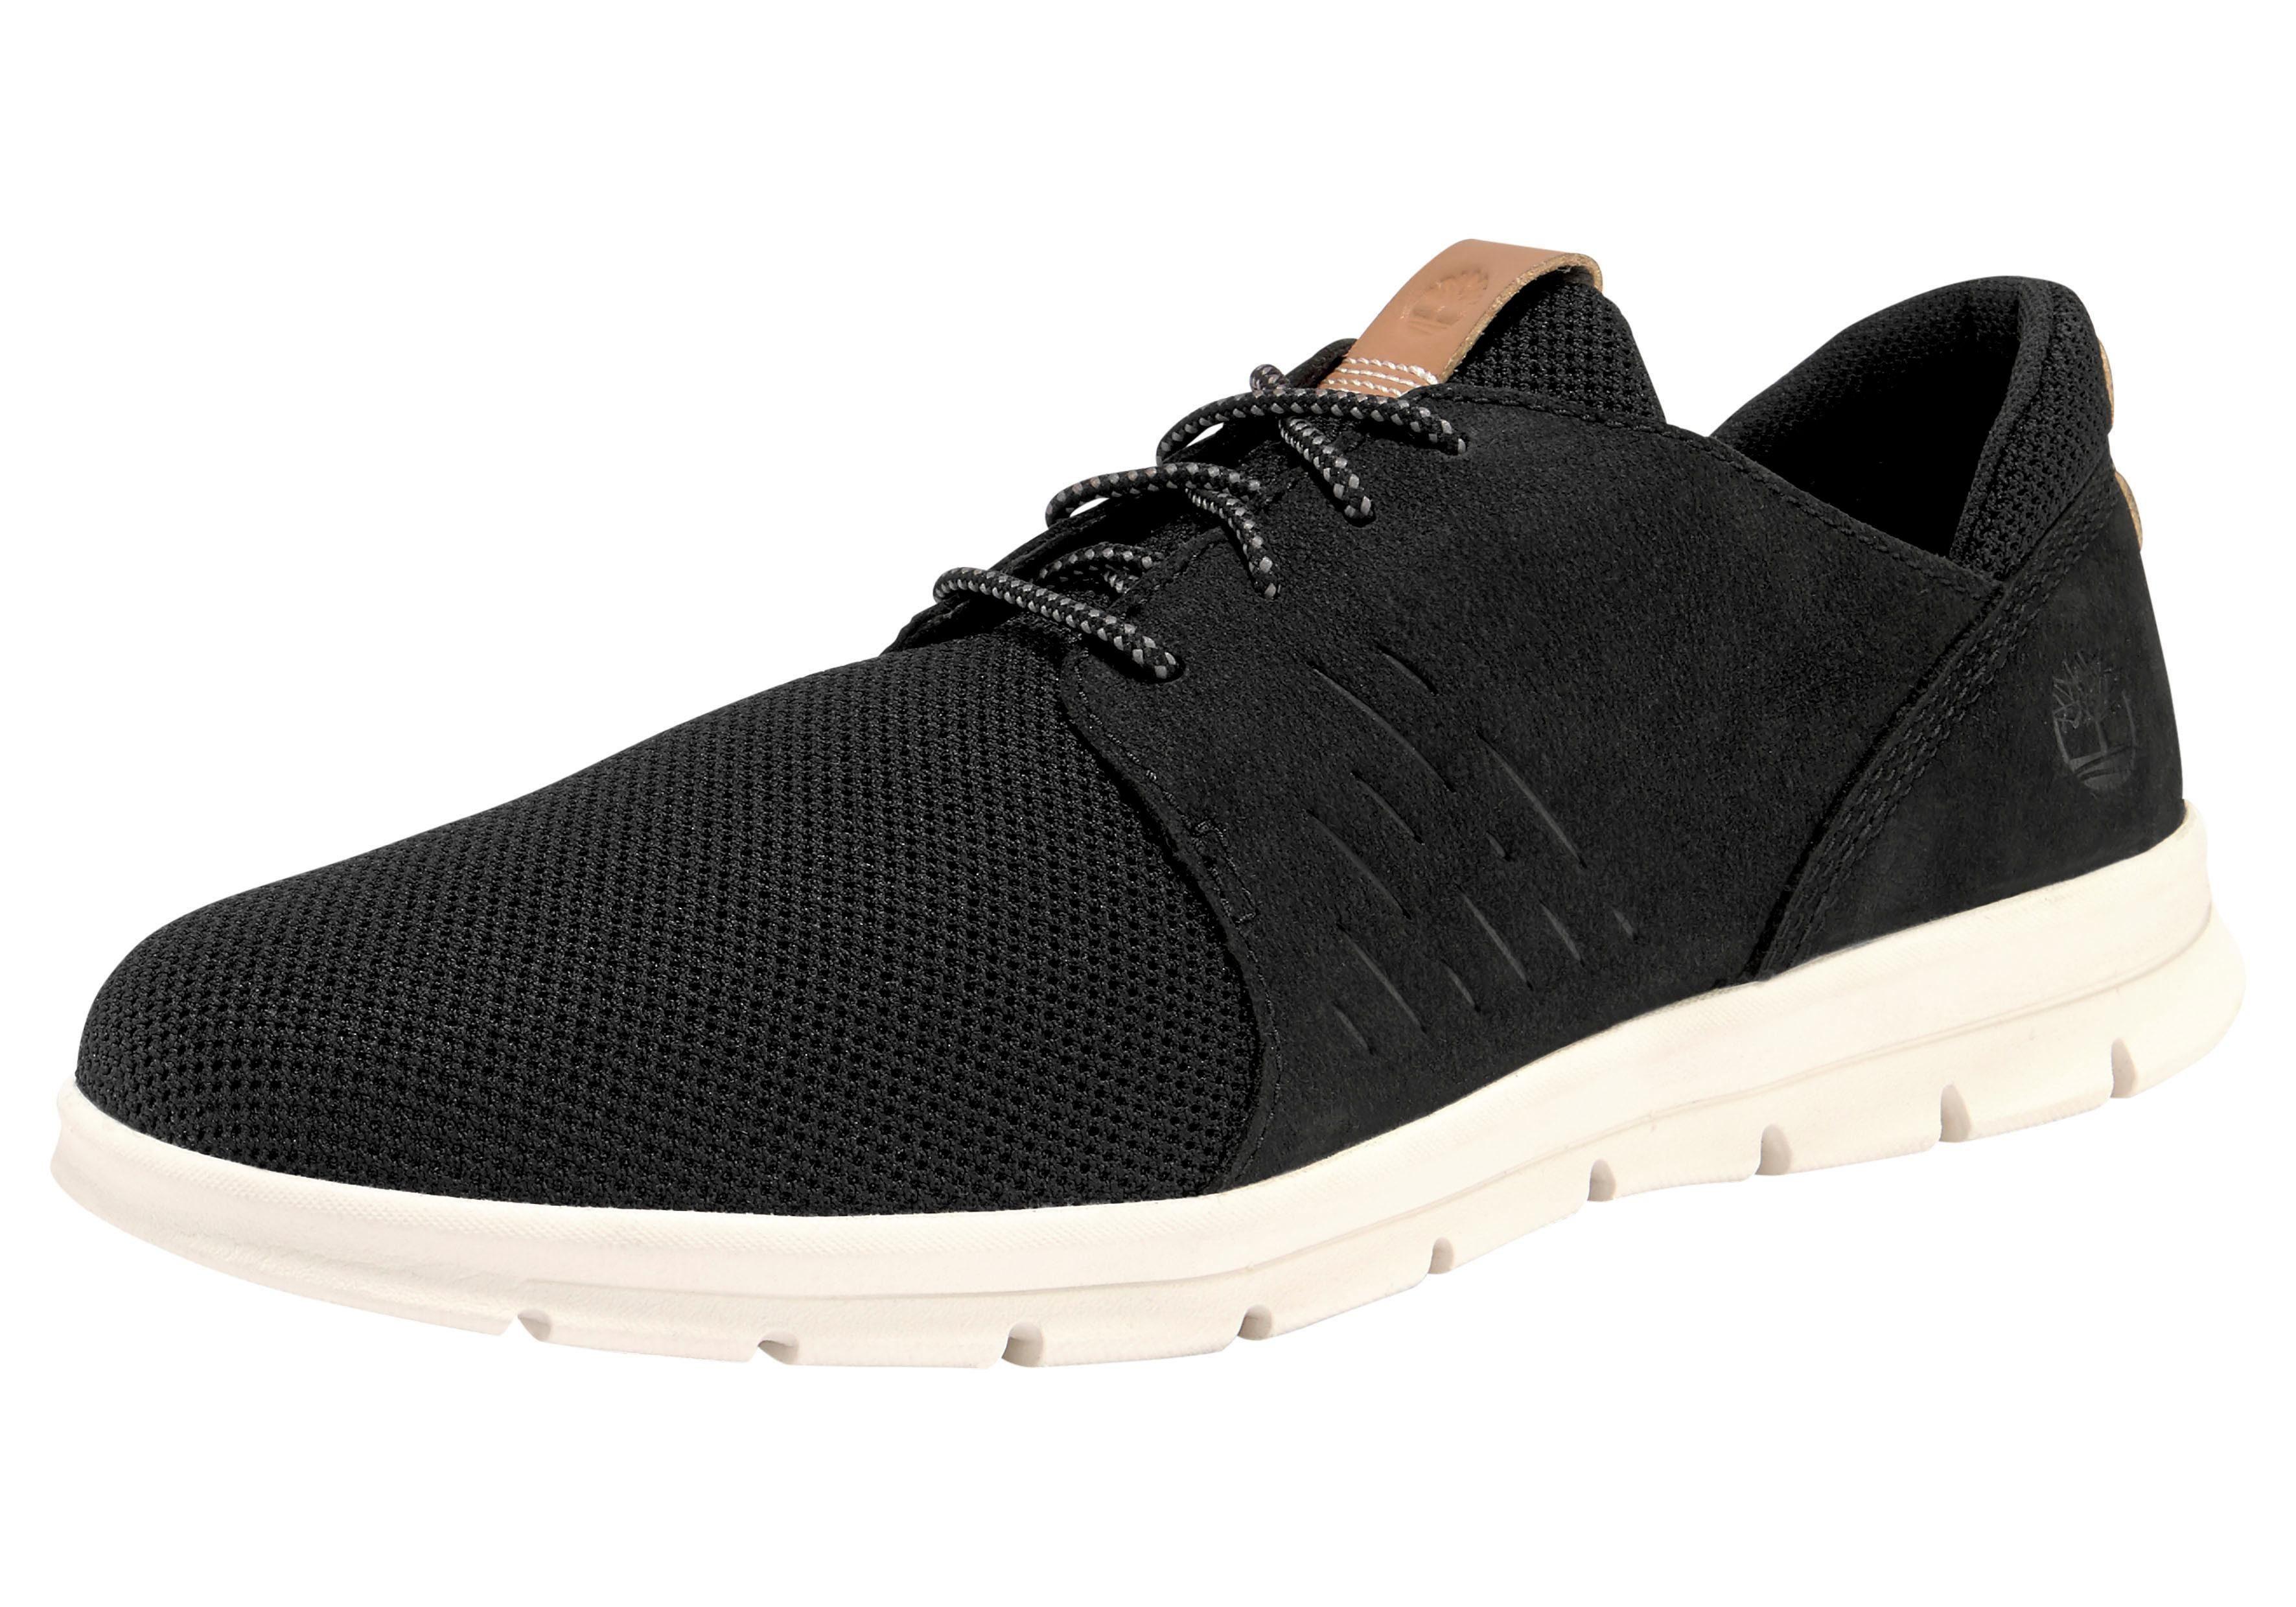 Timberland »Graydon FL Oxford« Sneaker, Leichter Sneaker von Timberland online kaufen | OTTO